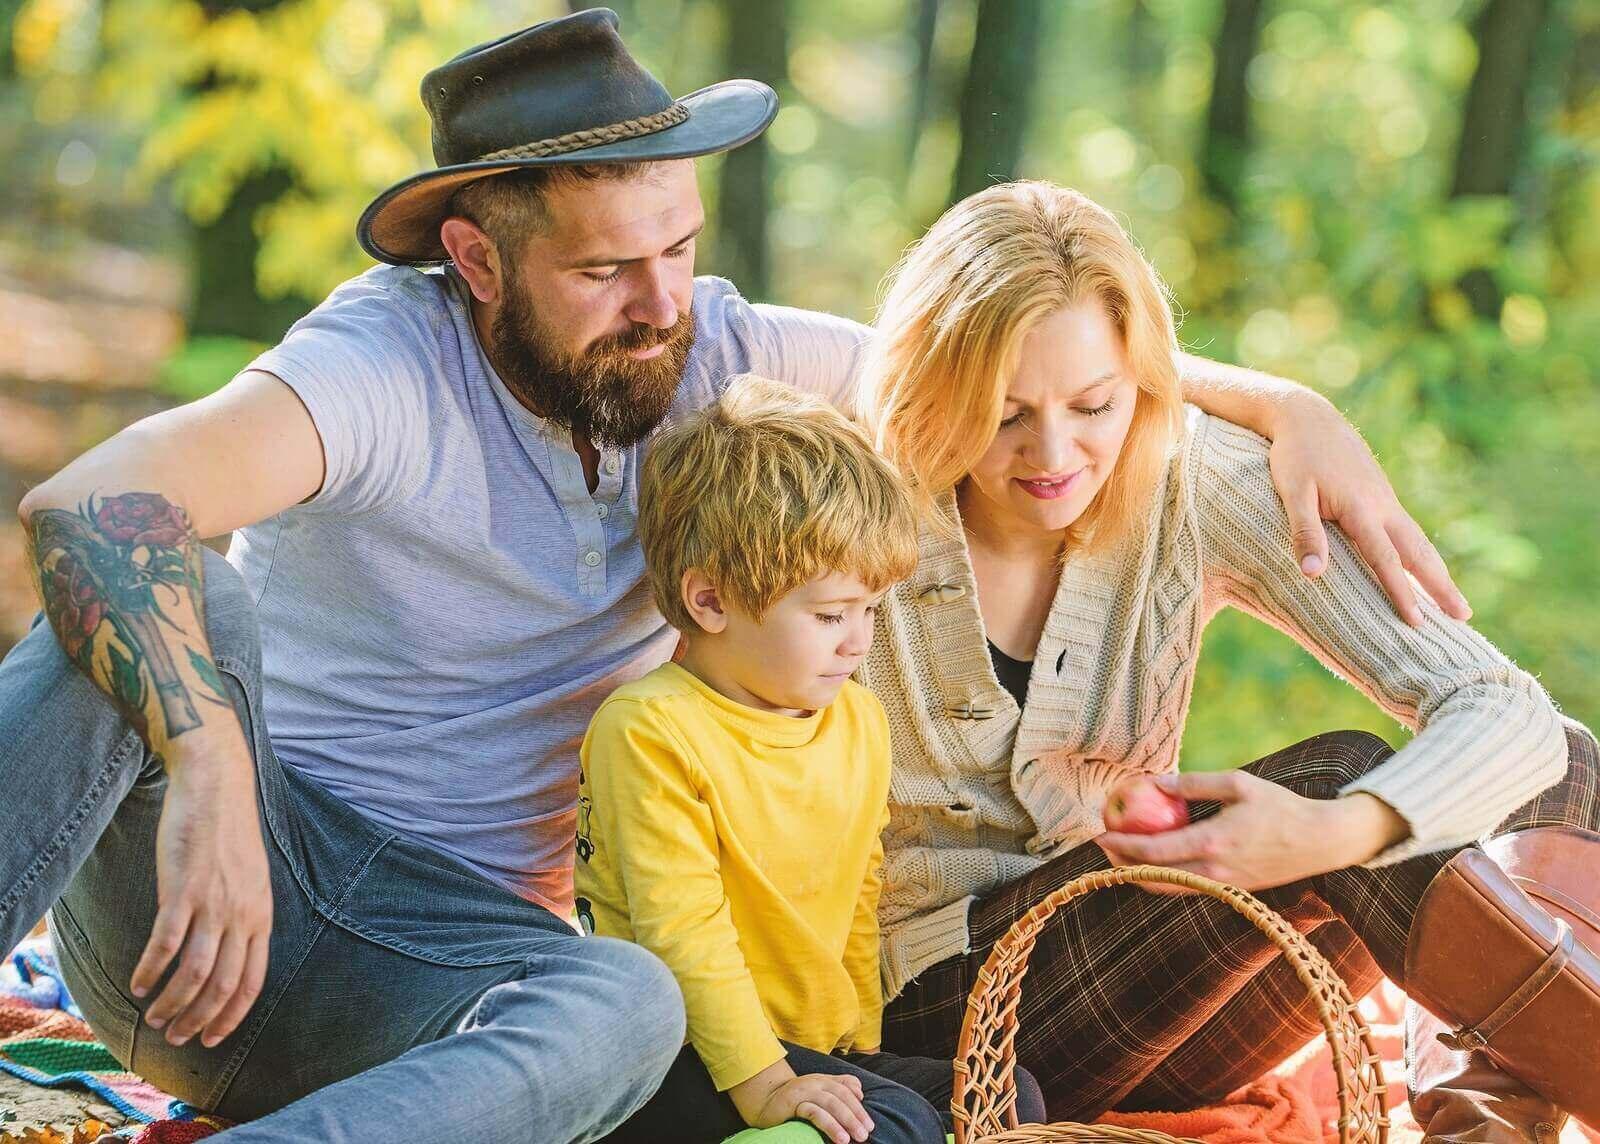 가족 소풍을 갈 때 무엇을 가져가야 할까?